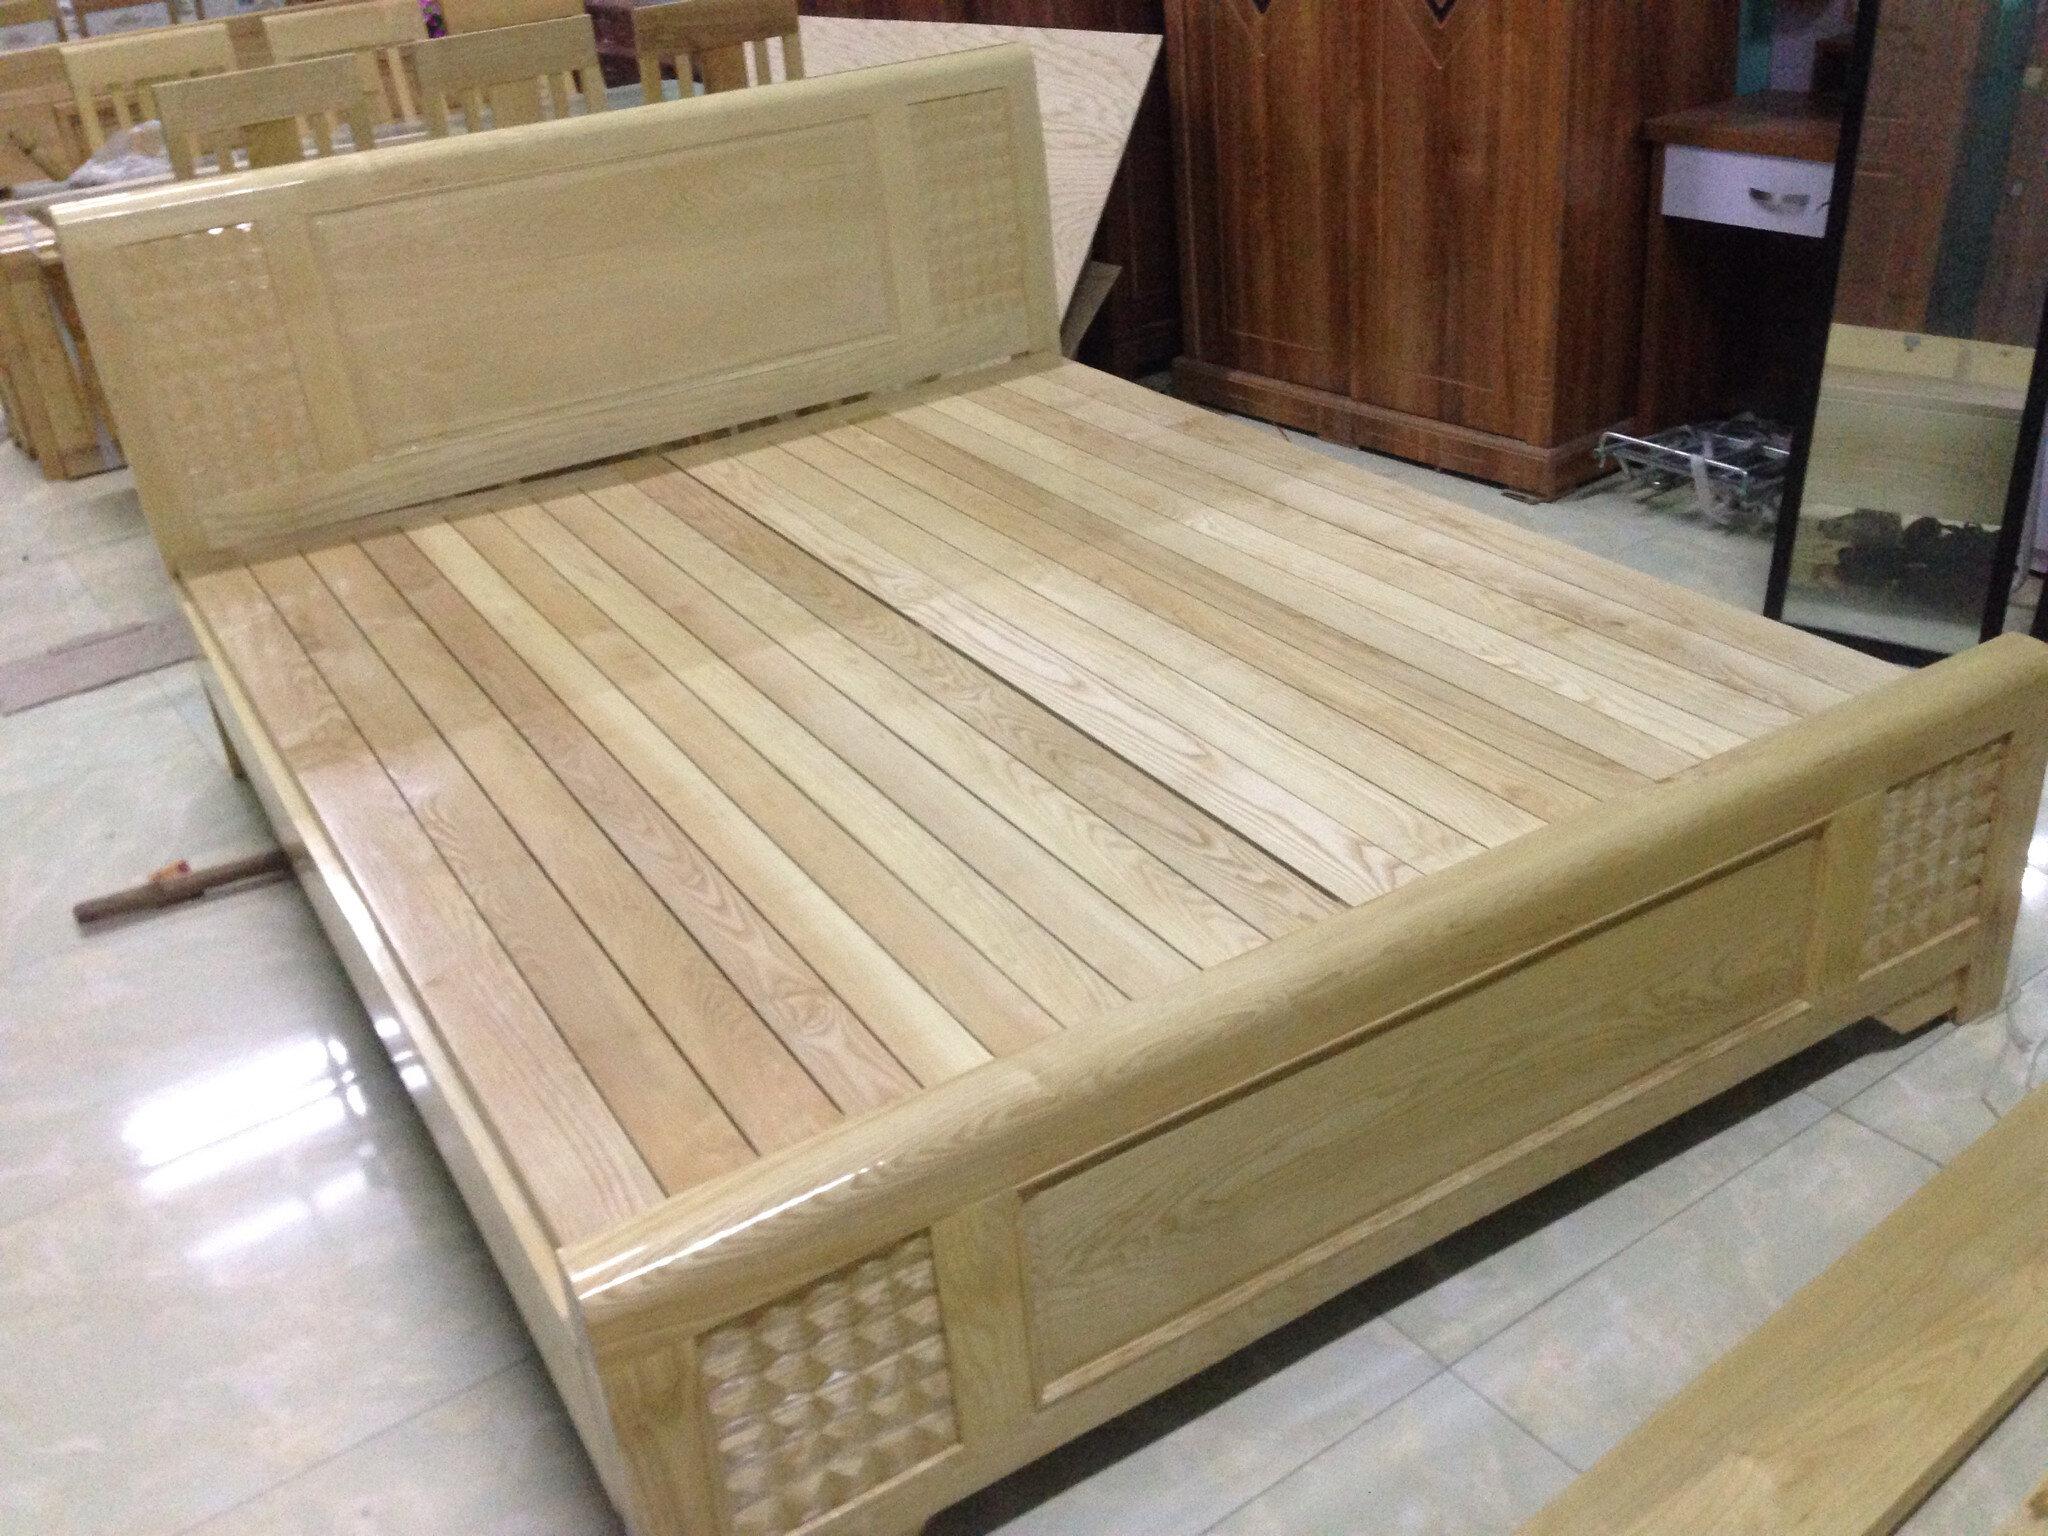 Giường gỗ sồi vừa đơn giản lại cao cấp hiện đại